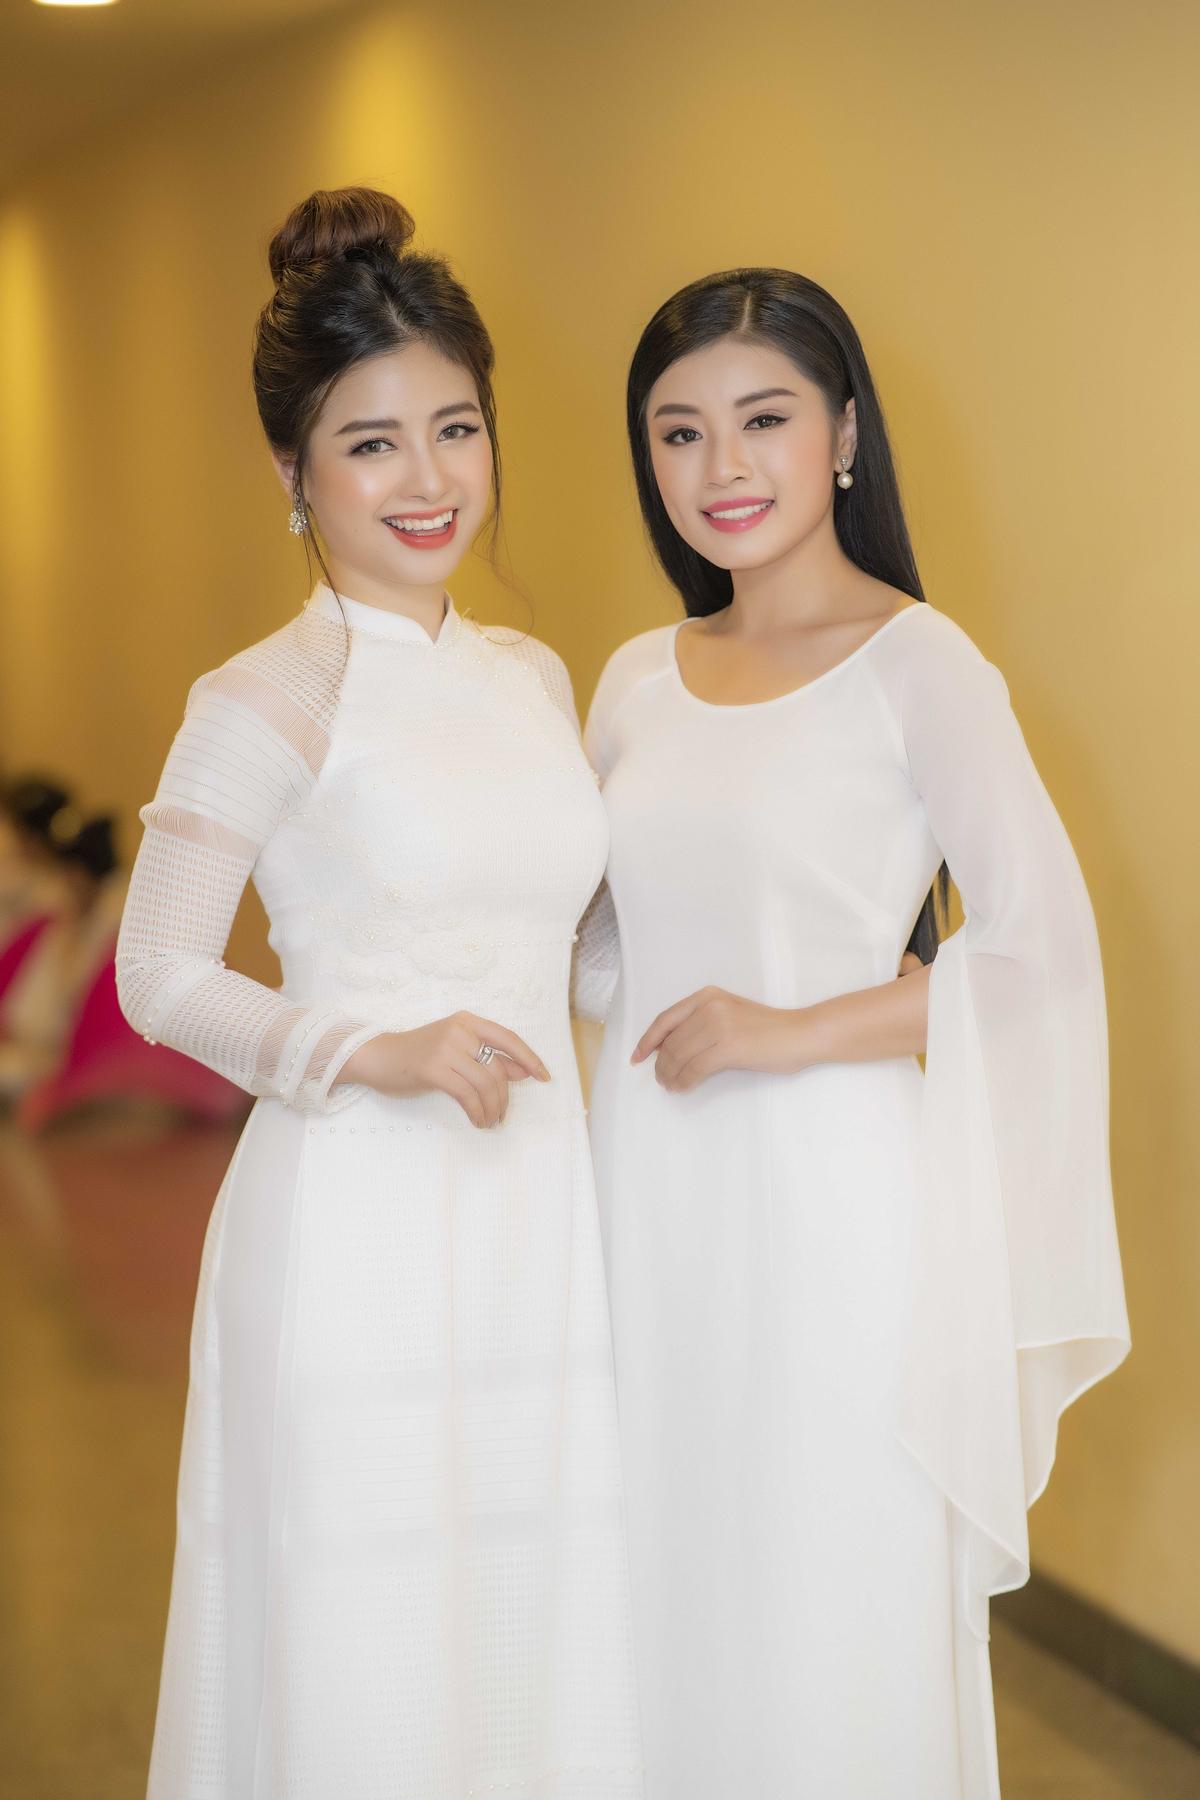 Dương Hoàng Yến khoe thân hình vạn người mê trong áo dài trắng 3